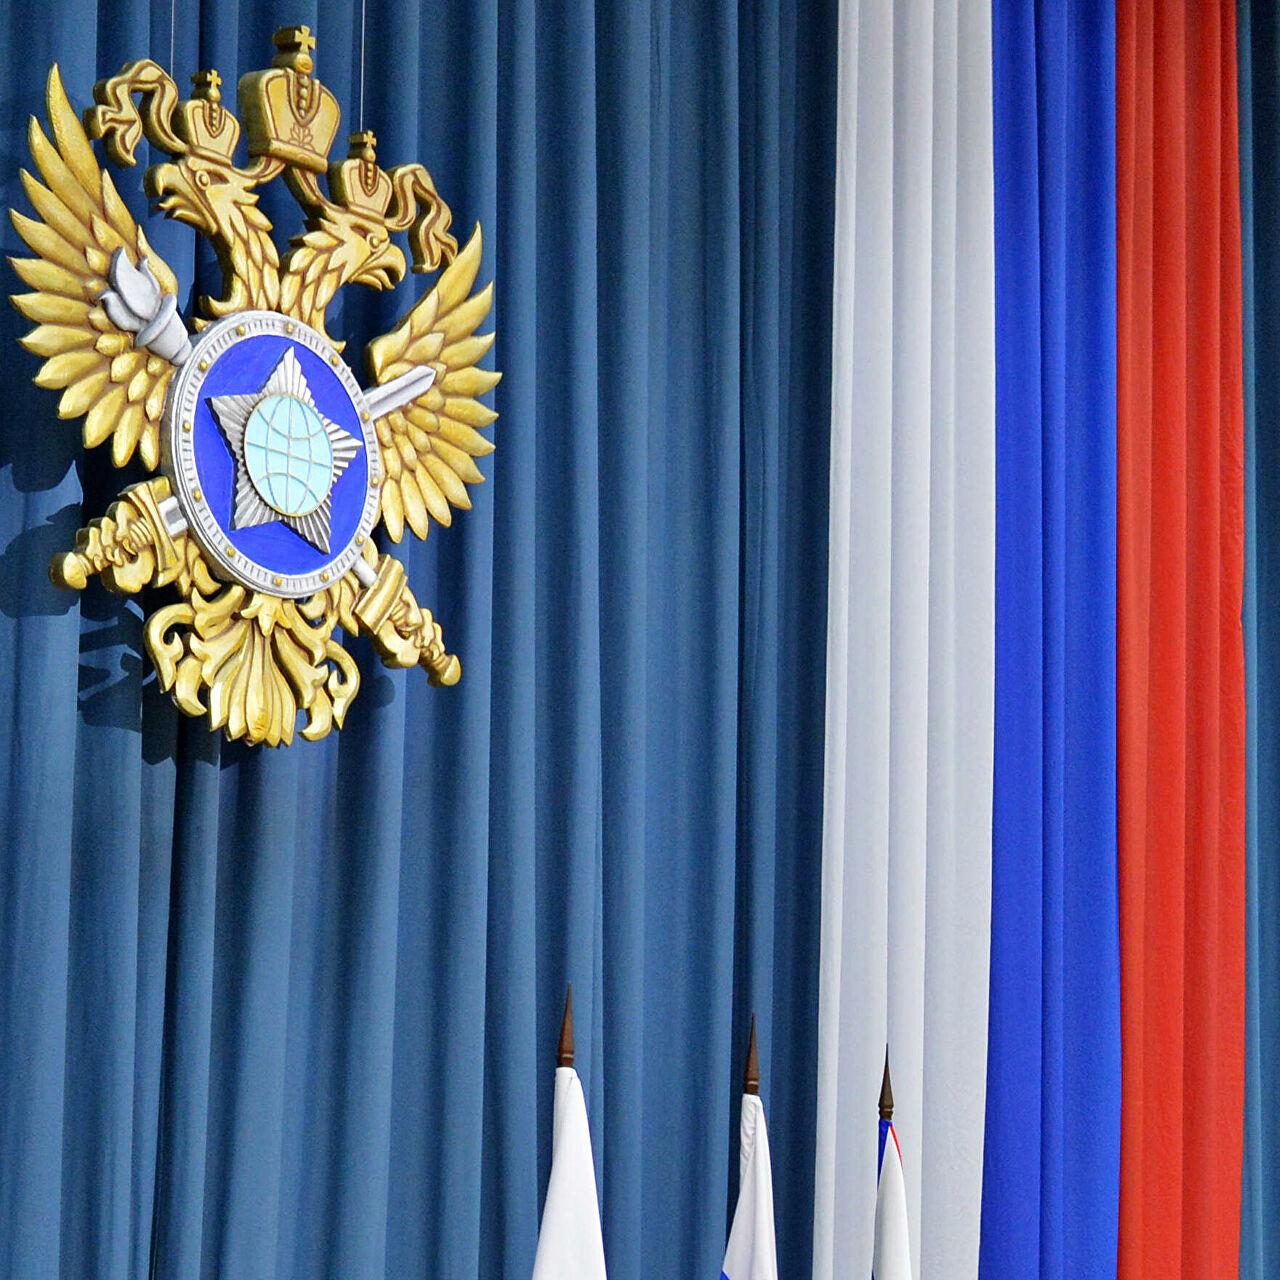 Путин: Желим успех свима који бране Русију, наш народ од спољних и унутрашњих претњи, суверенитет и националне интересе